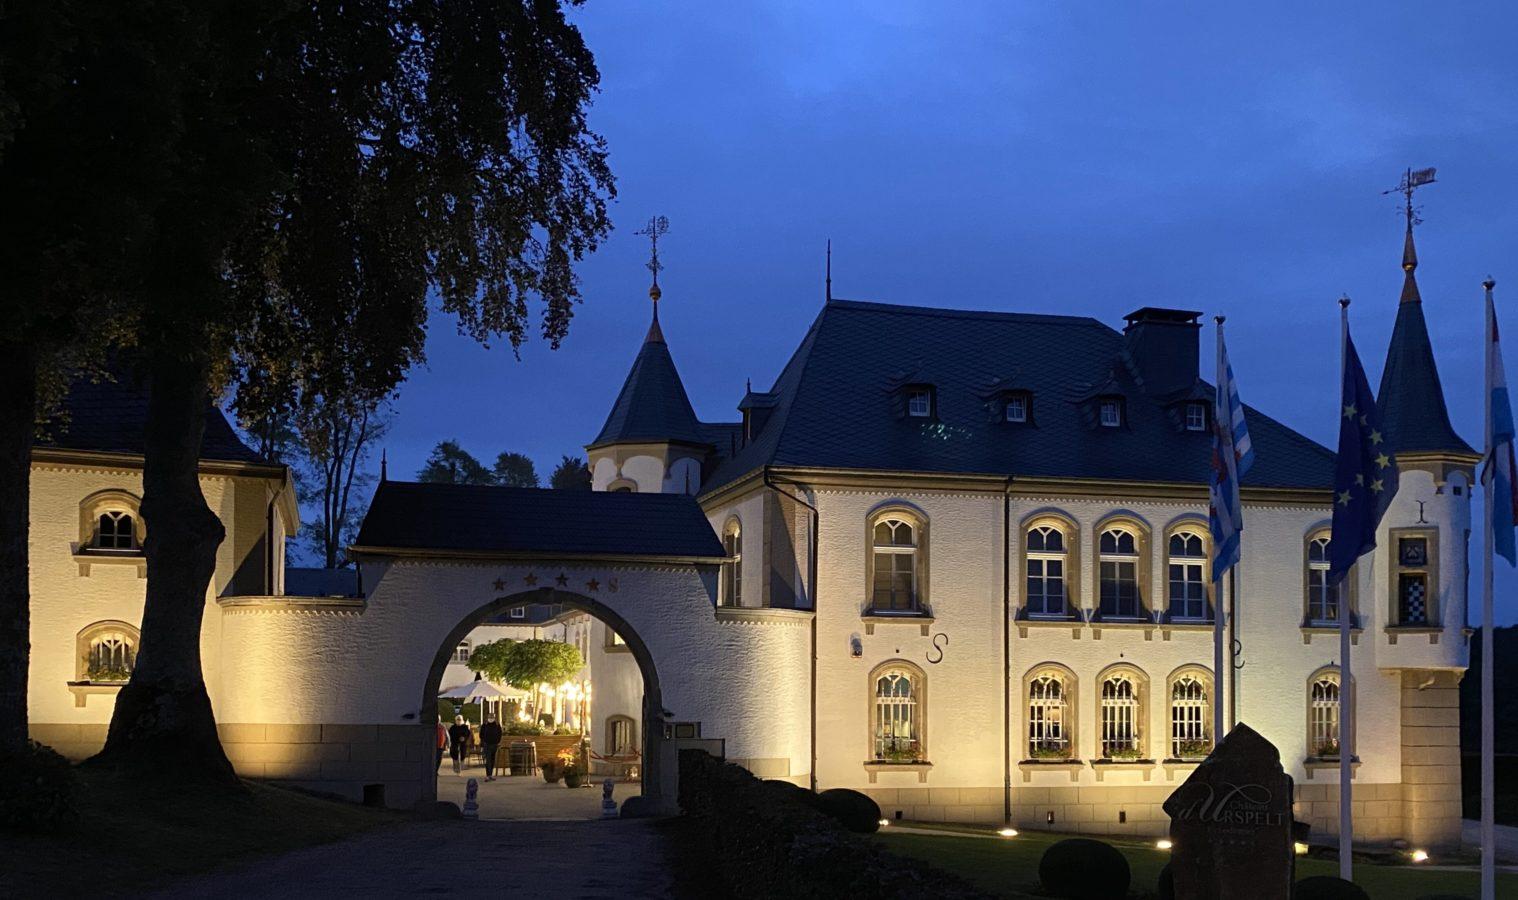 Le château d'Urspelt au Luxembourg